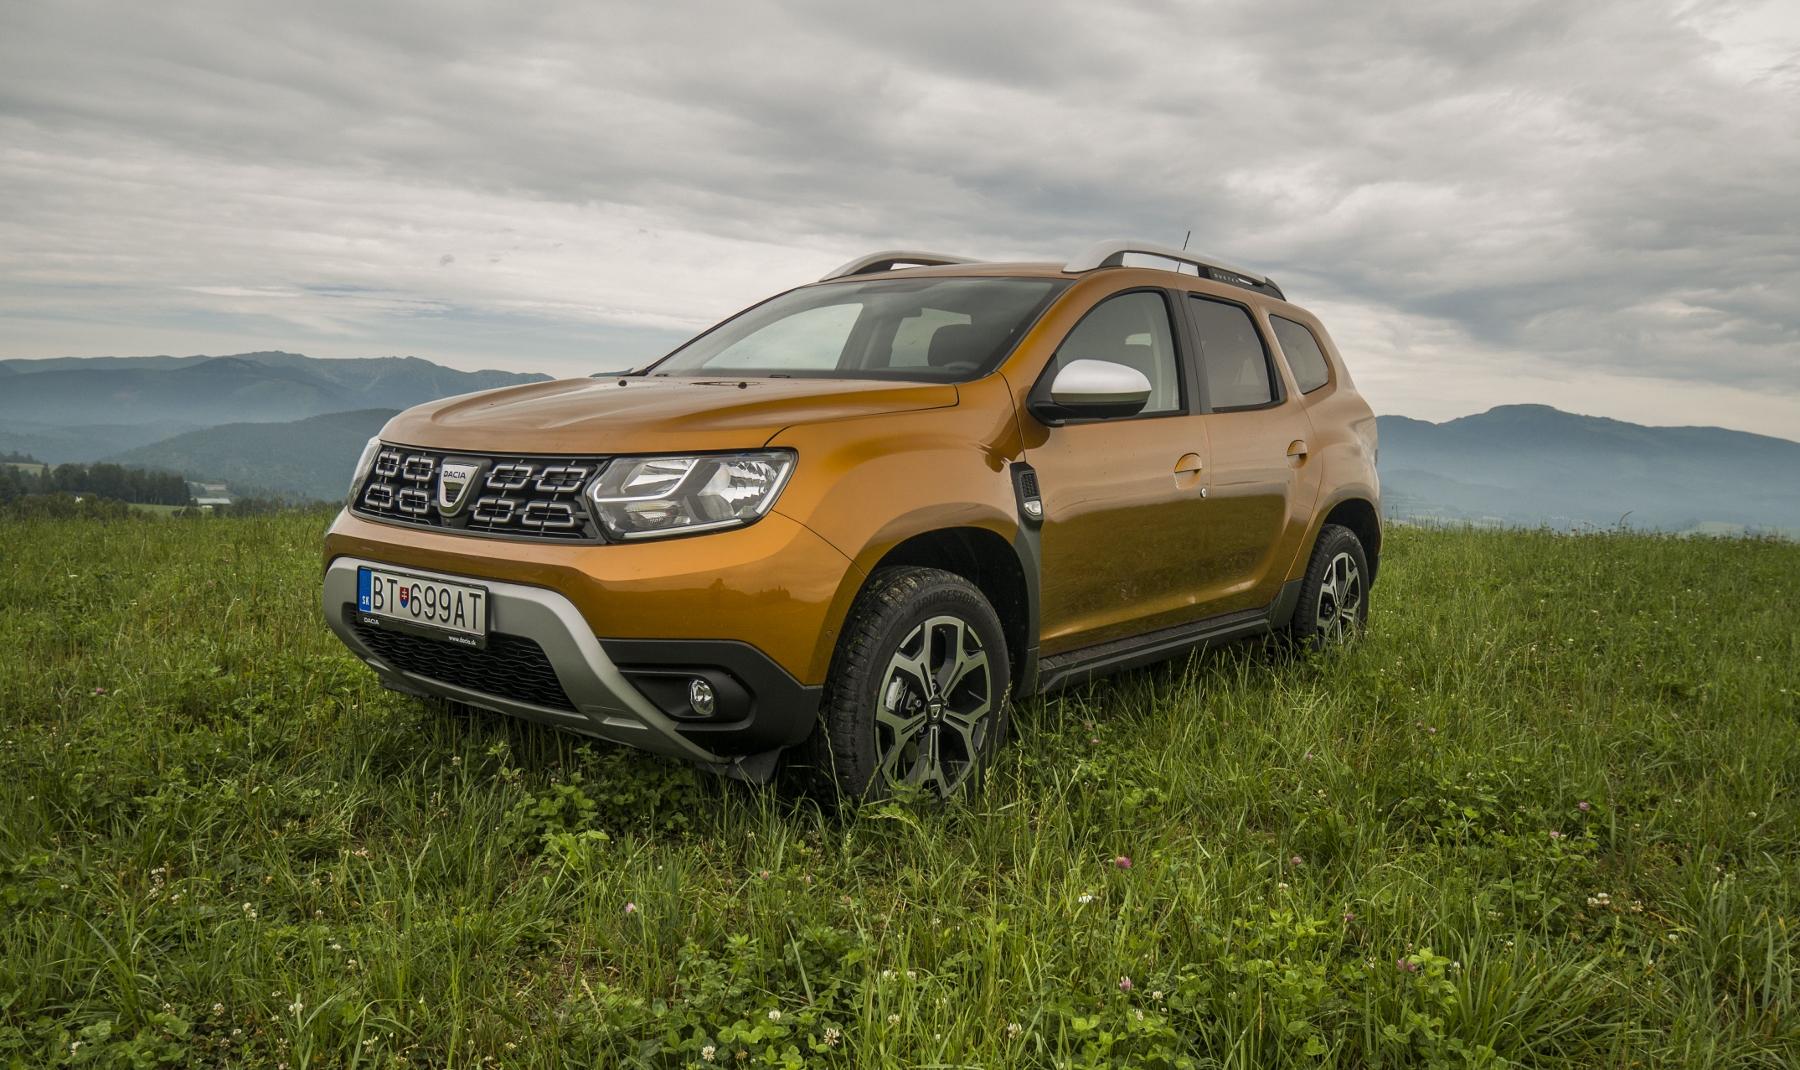 Test: Dacia Duster LPG je voľbou rozumu 3auwZJv3Yv dacia-duster-lpg-23